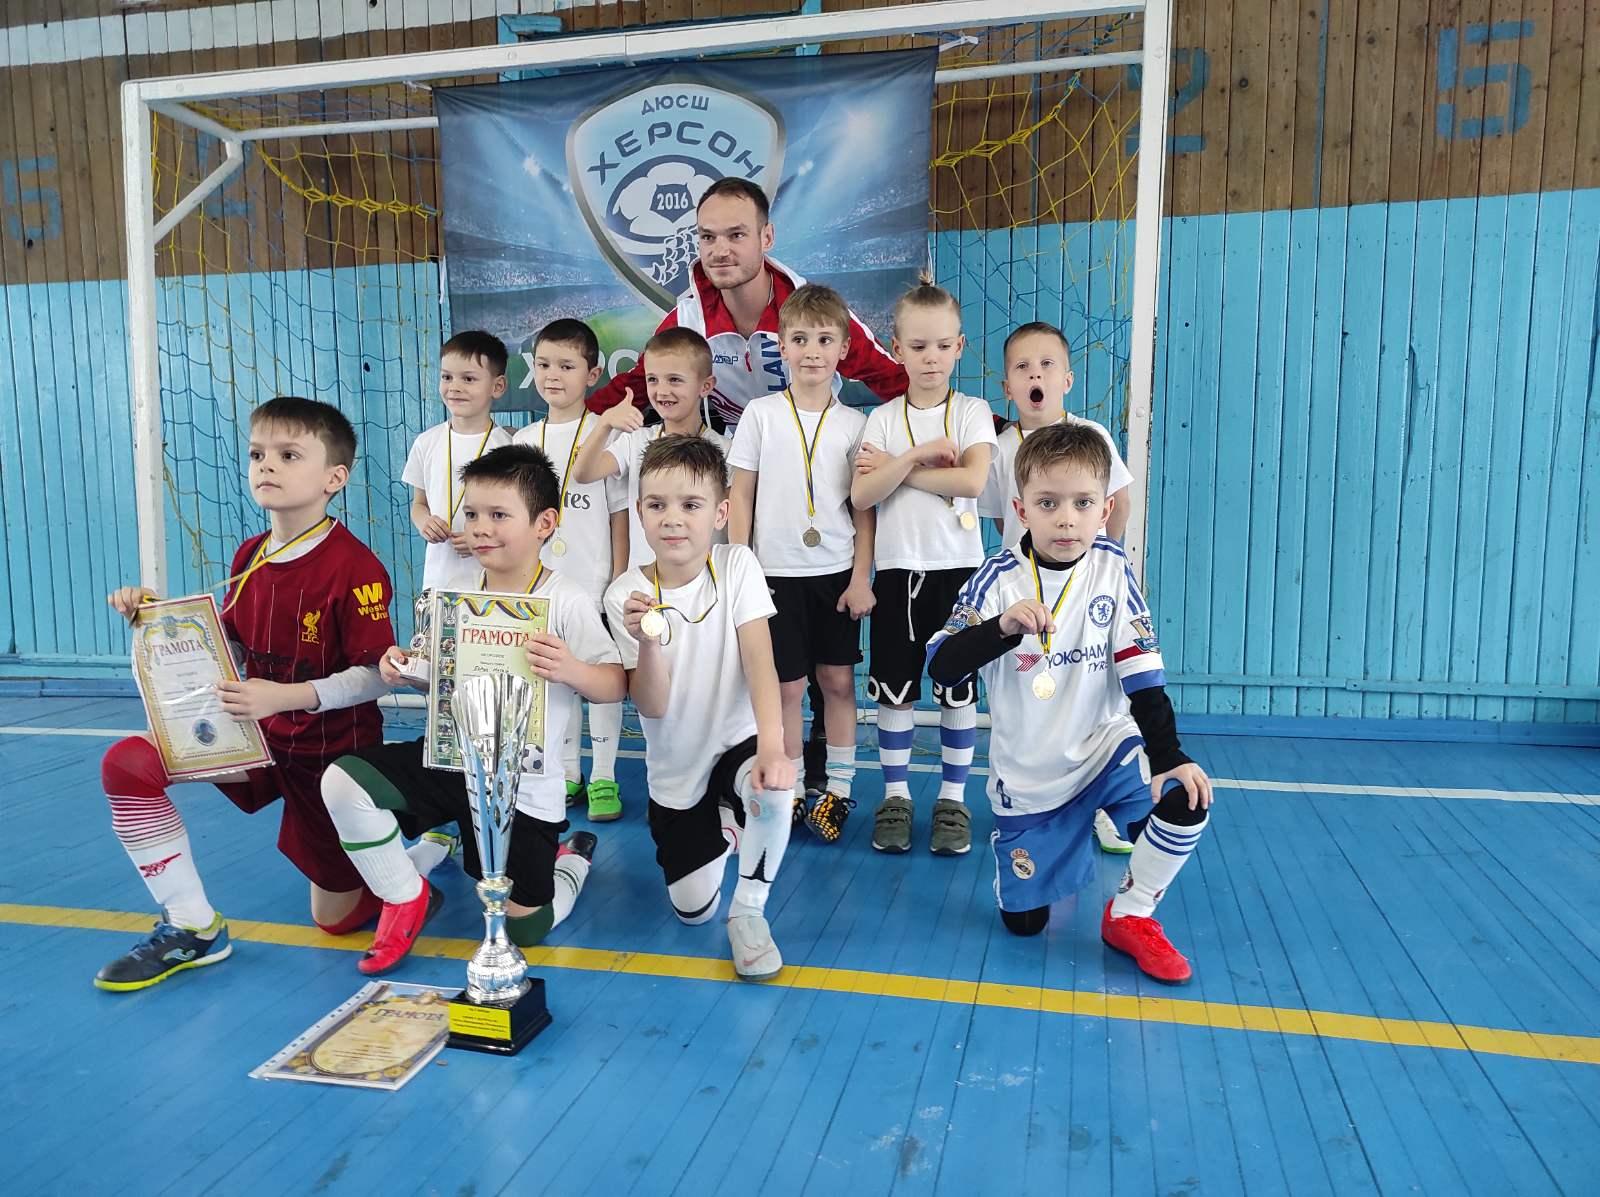 Маленькие николаевские футболисты привезли золотые медали с «Кубка мастера спорта по футболу Владимира Роговского», который проходил в Херсоне